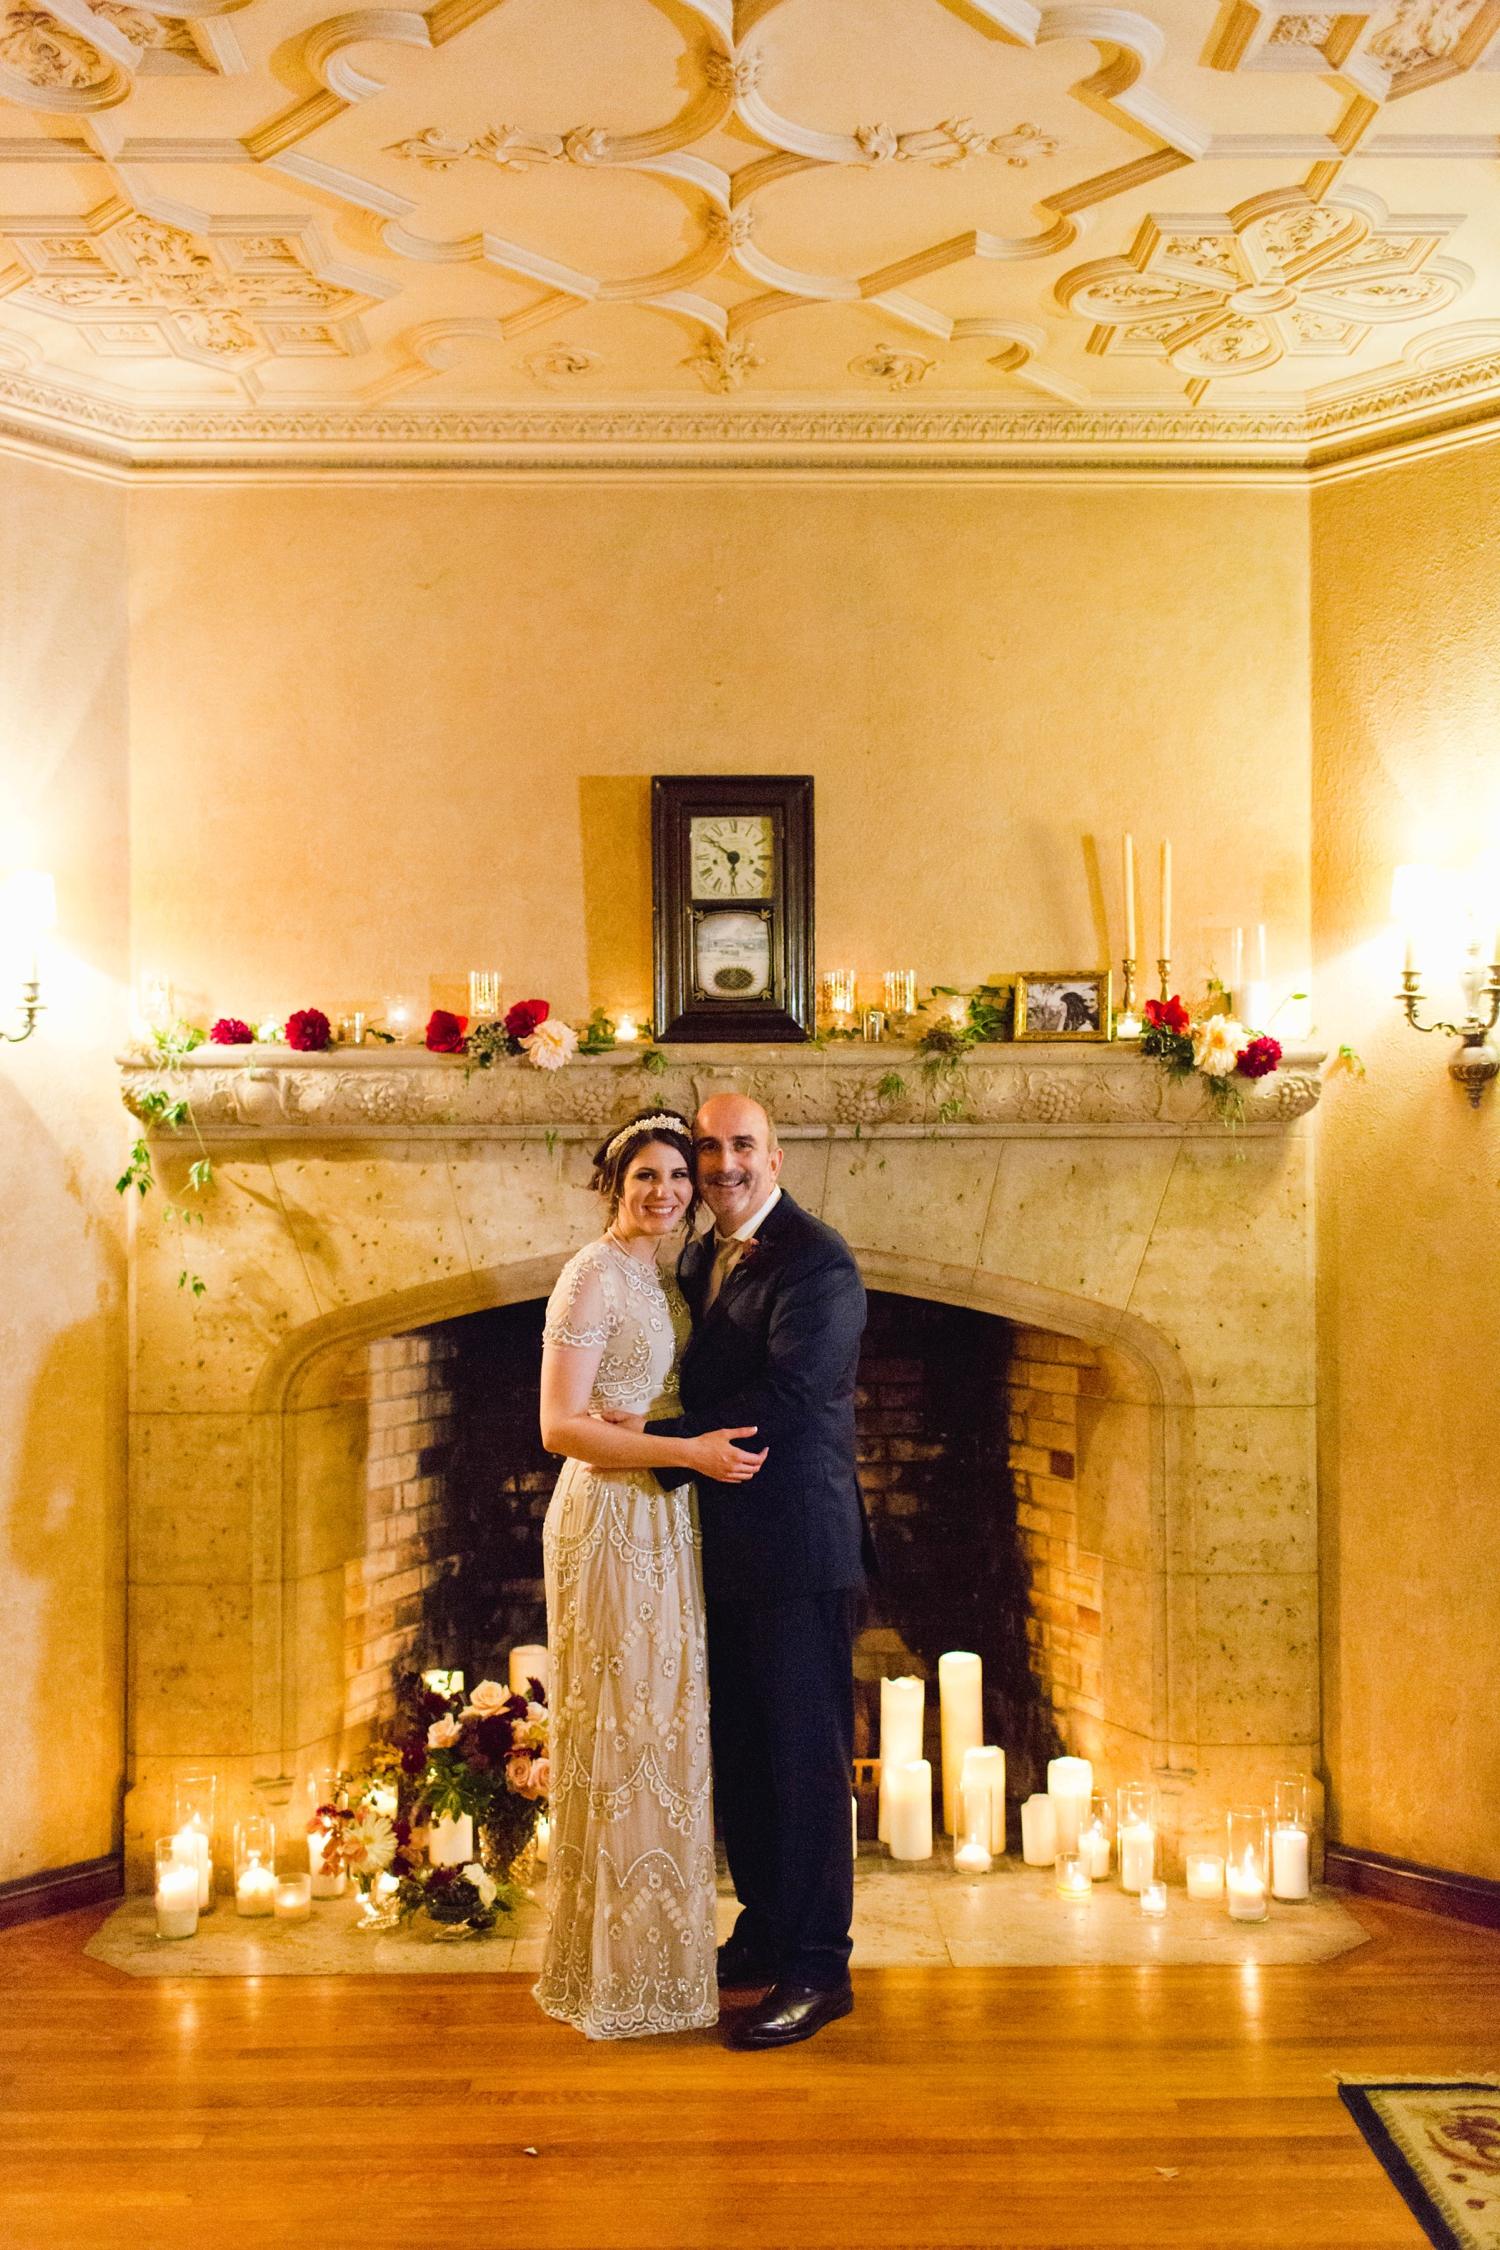 shewanders.coronado.wedding.photography2425.jpg.wedding.photography2425.jpg